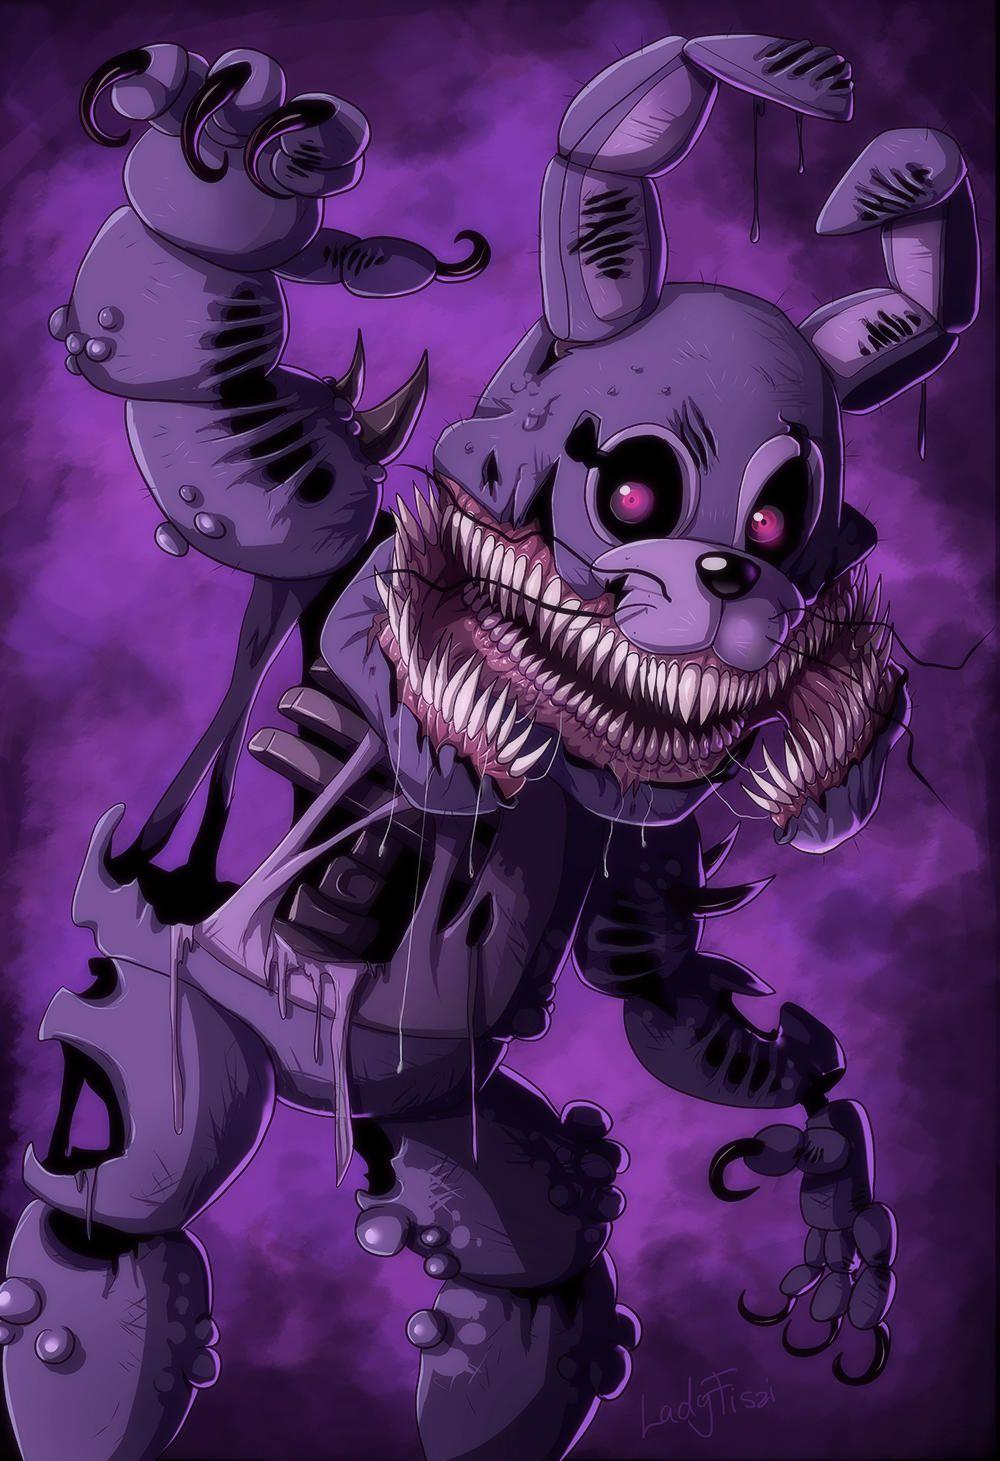 Twisted Bonnie Five Nights At Freddy S Fnaf Wallpapers Fnaf Drawings Five Nights At Freddy S